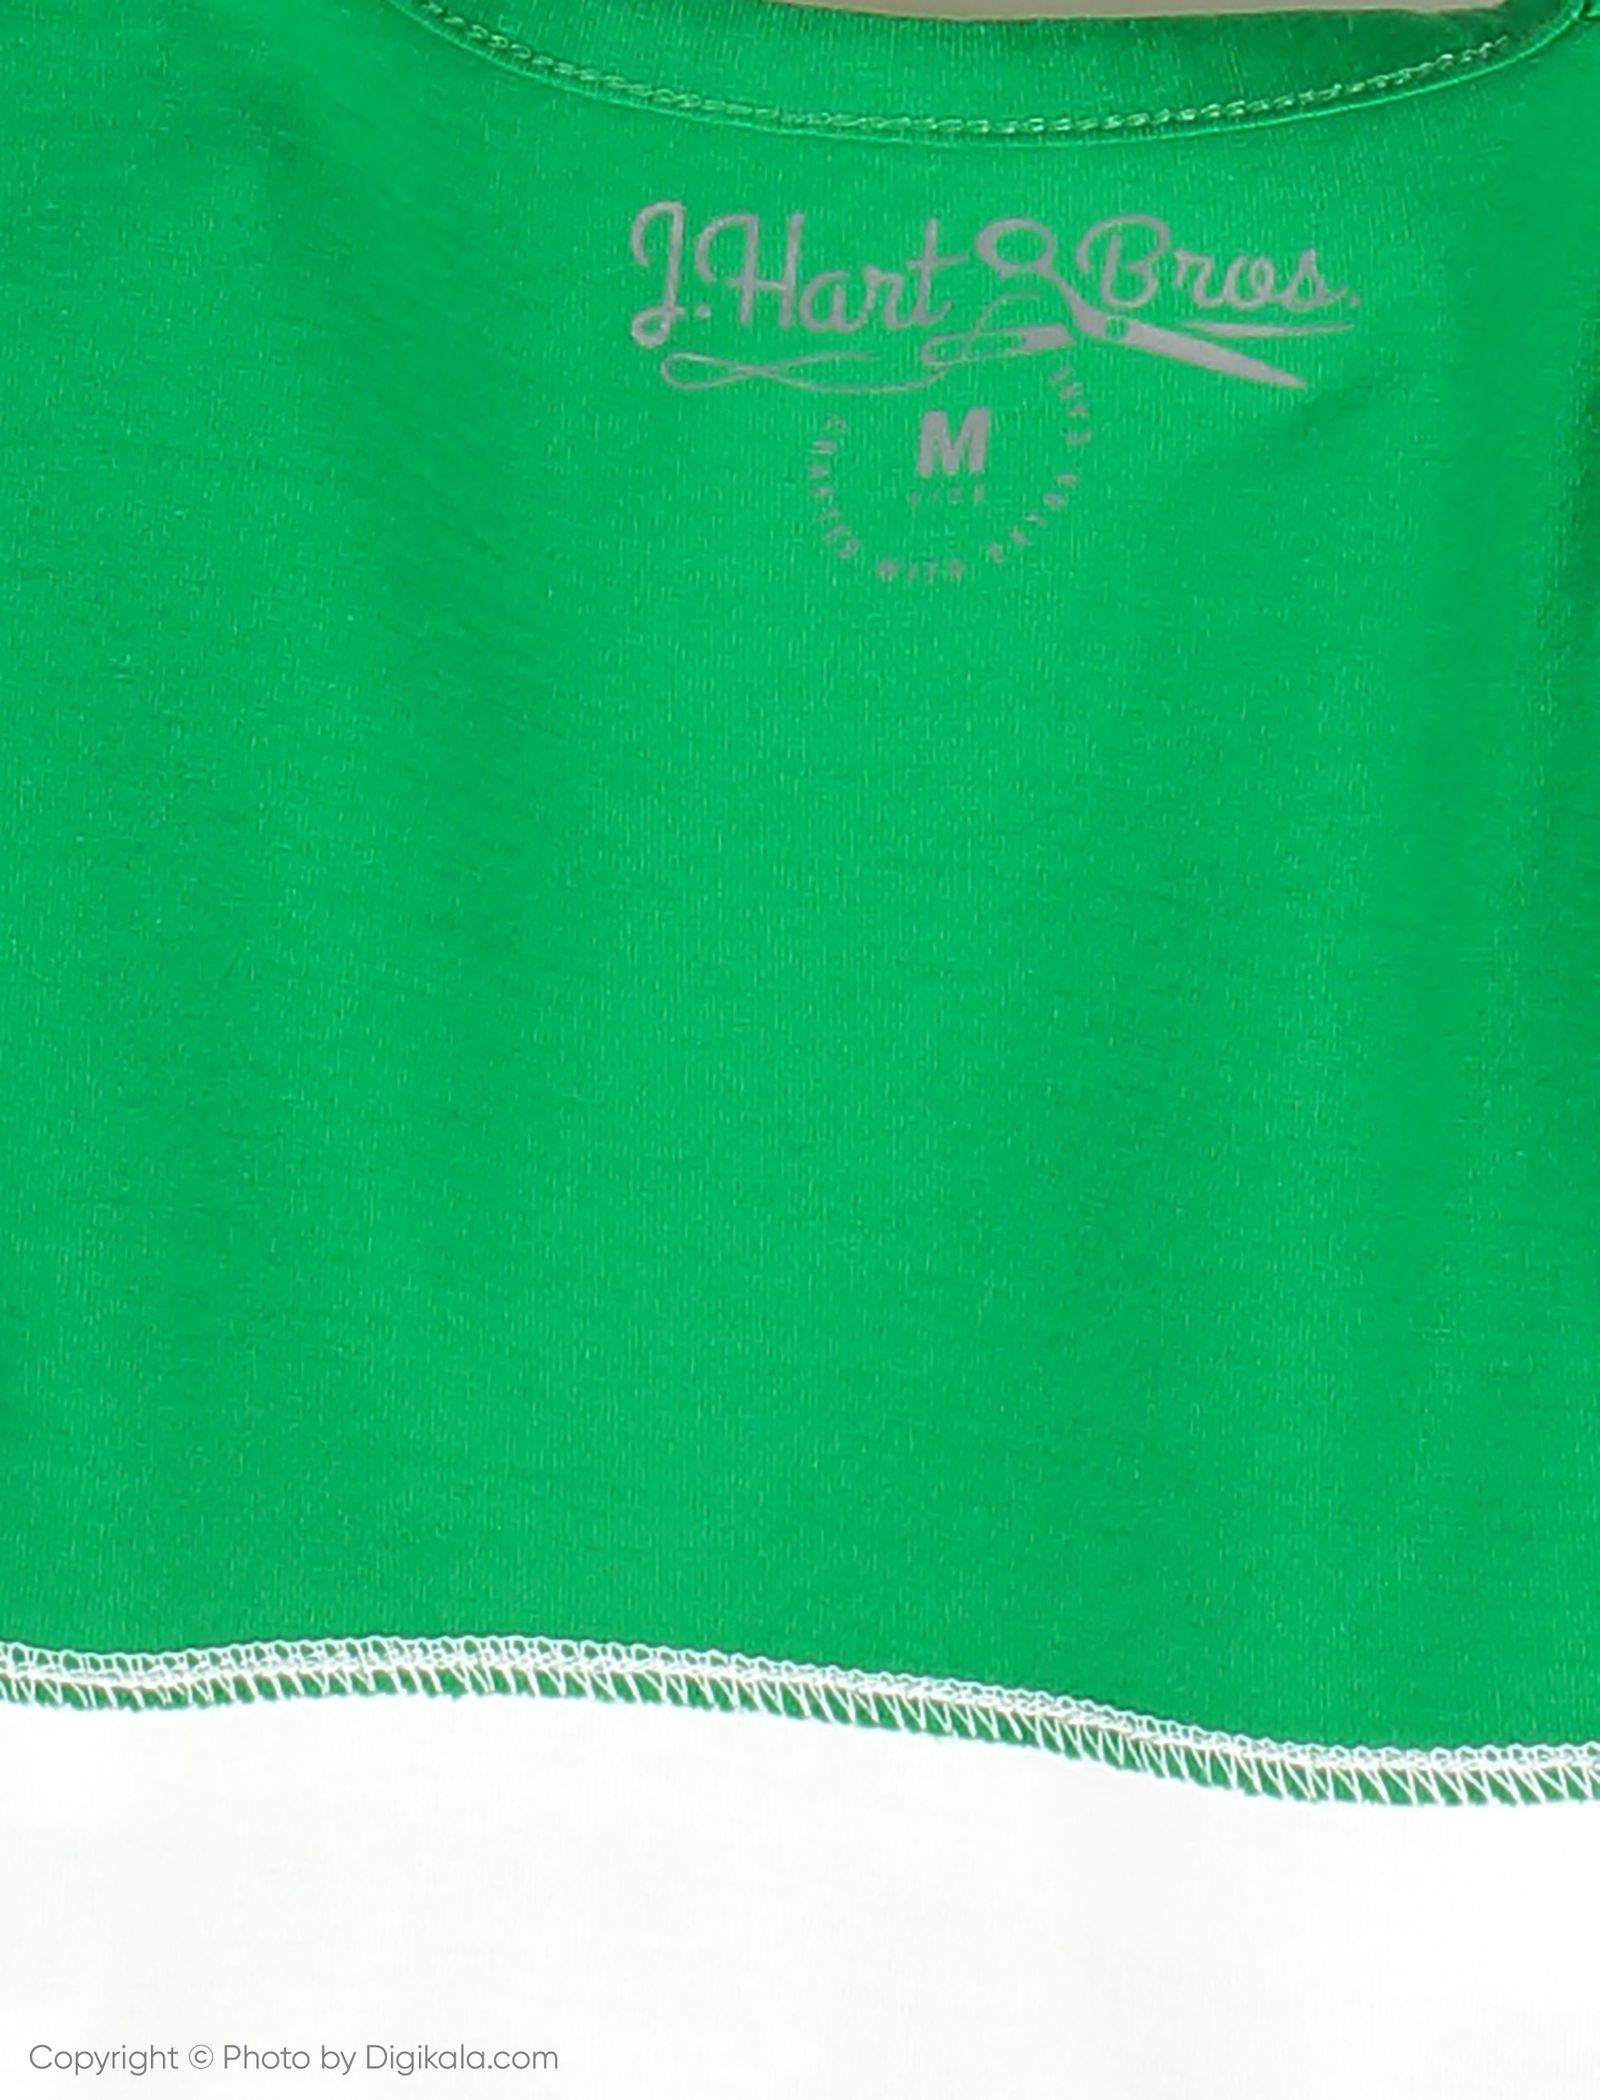 تی شرت مردانه یوپیم مدل 5124448 -  - 5